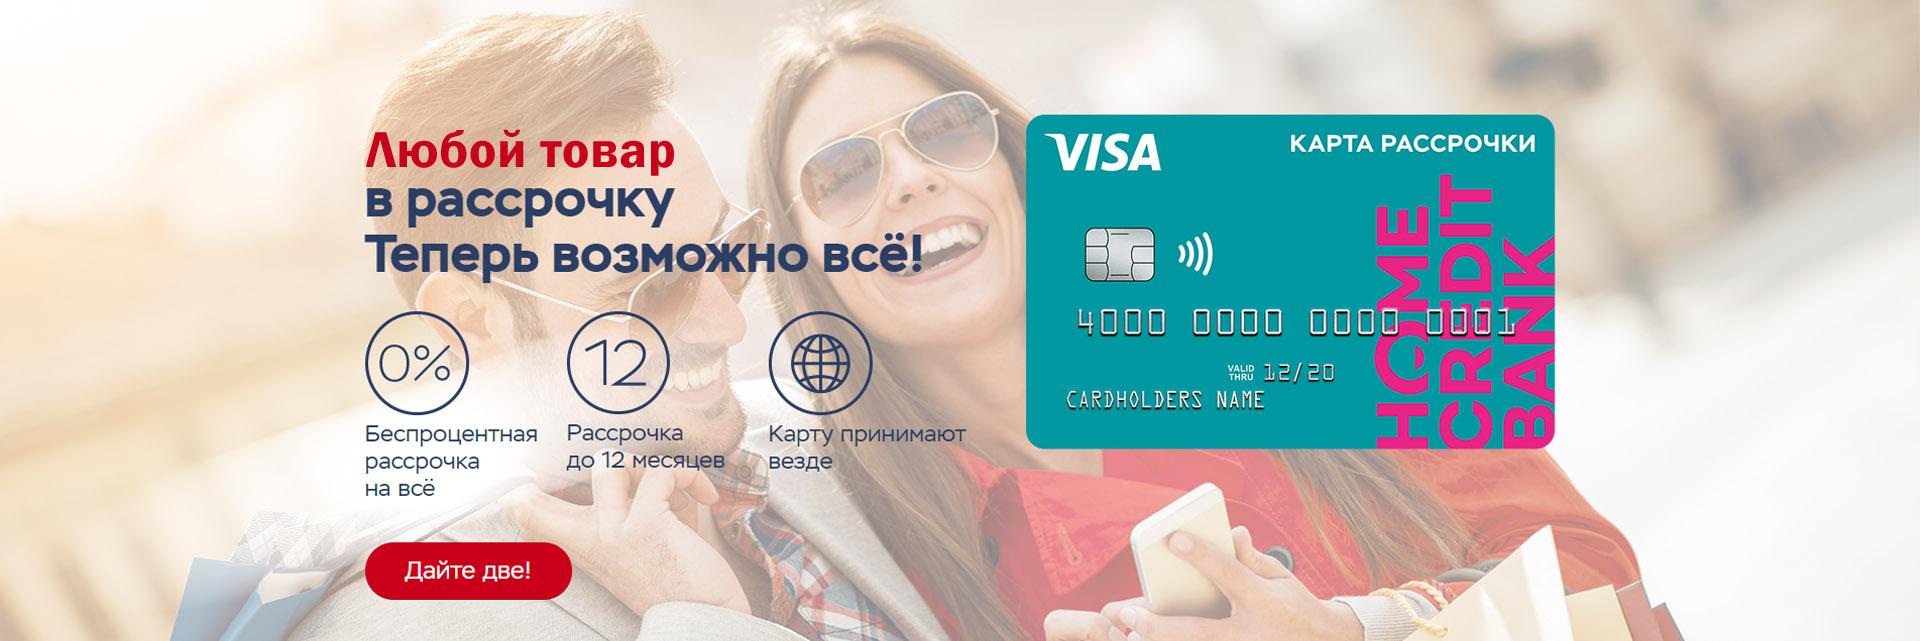 хоум кредит кредитная карта с кэшбэком